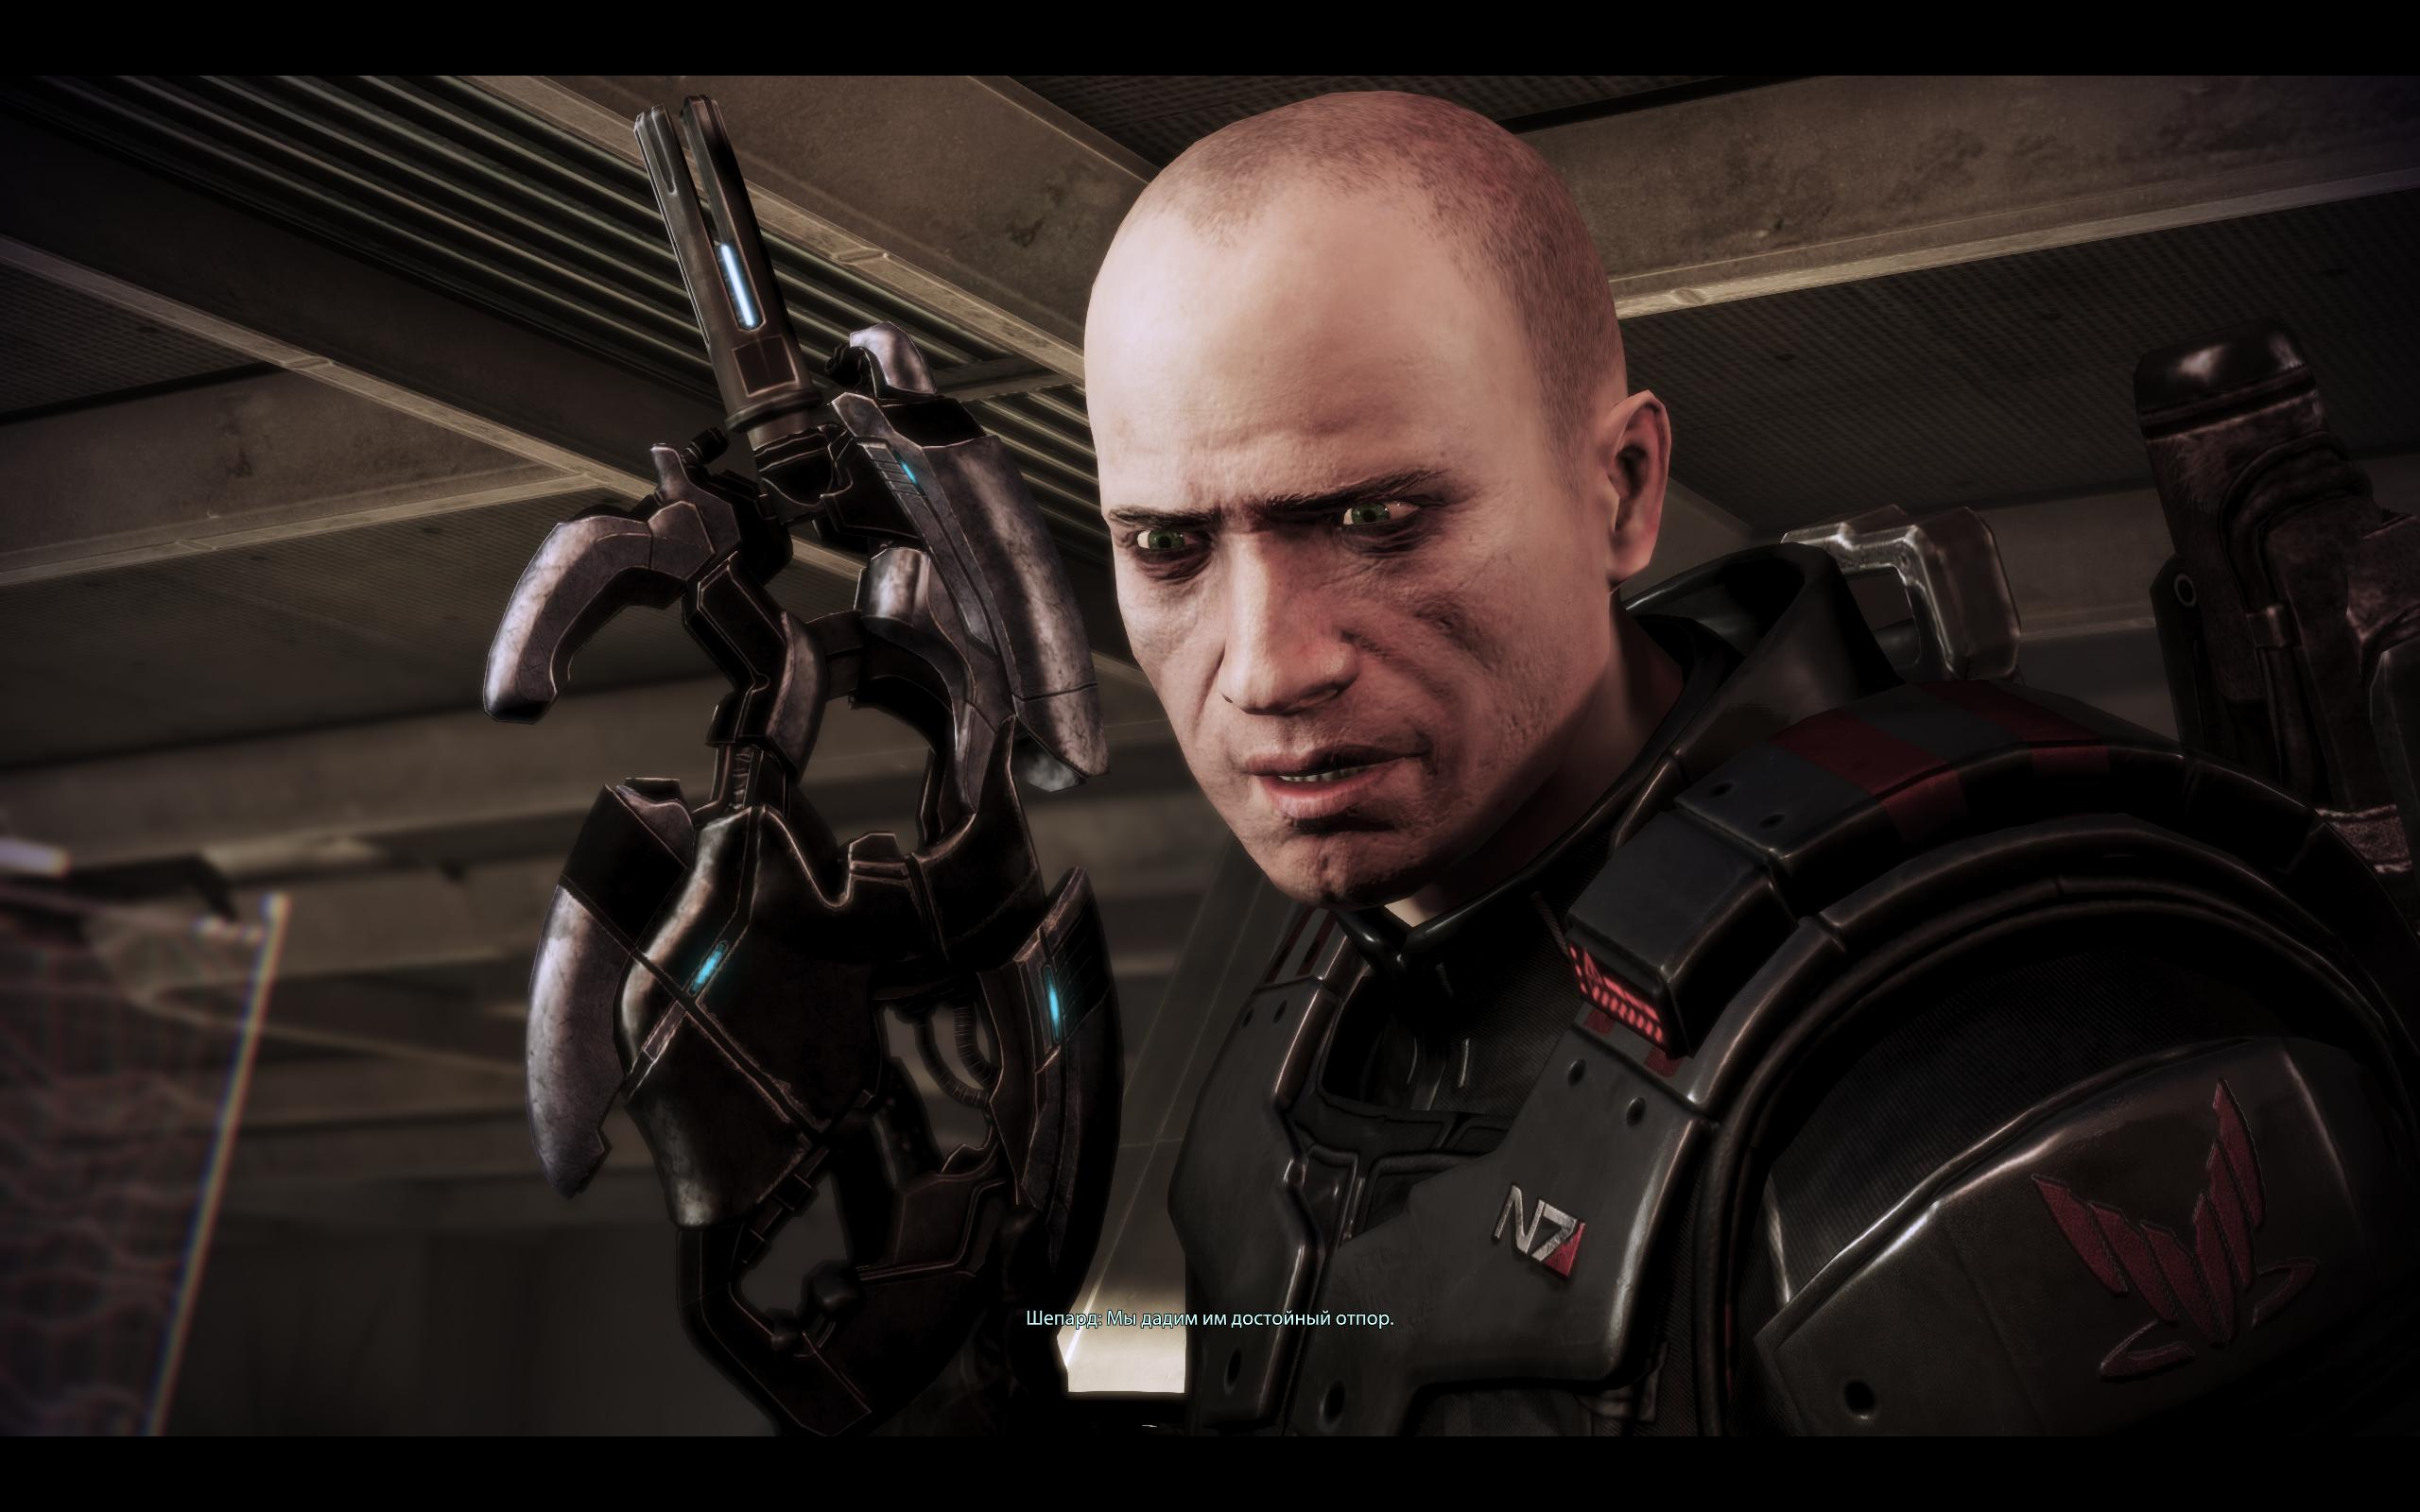 Как сделать чтобы Шепард выжил в Mass Effect 3? - Полезная информация 43